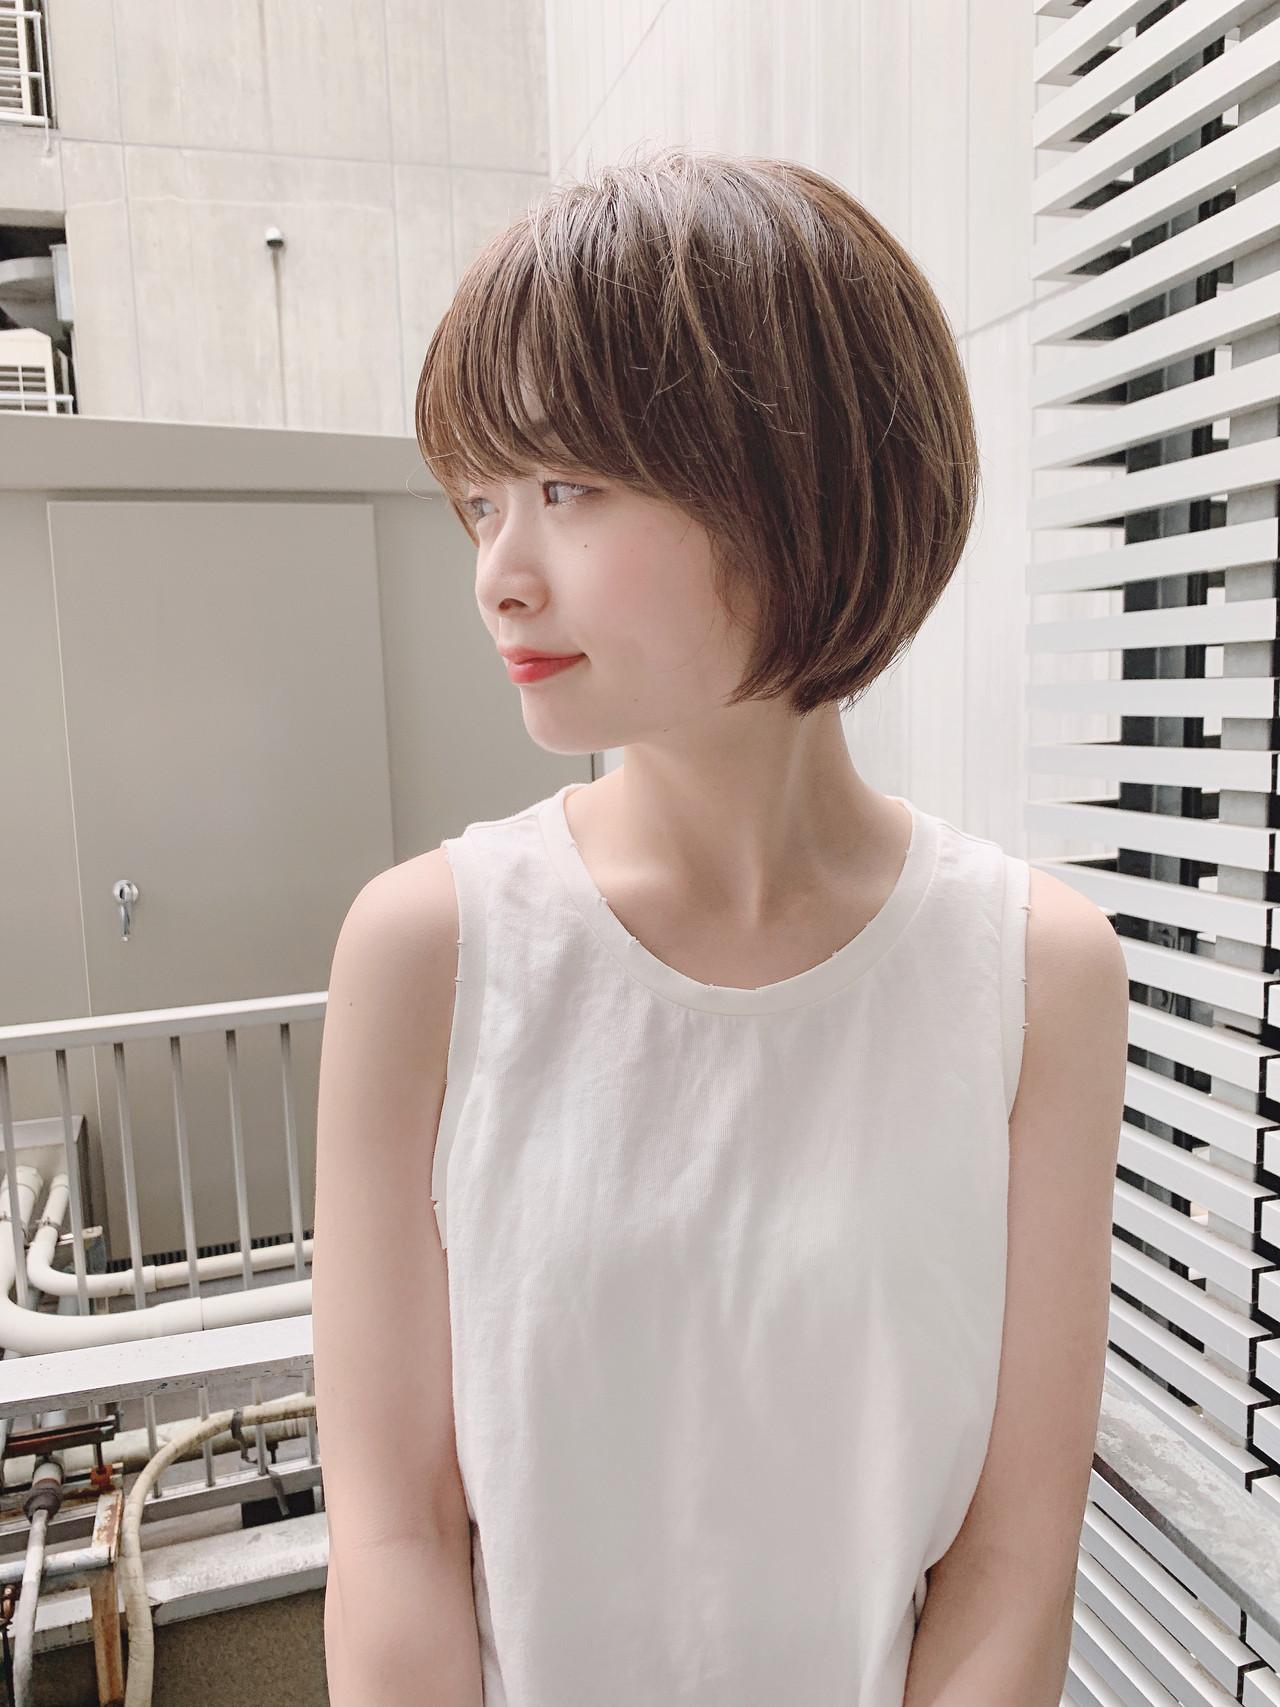 デート ナチュラル ショート オフィス ヘアスタイルや髪型の写真・画像